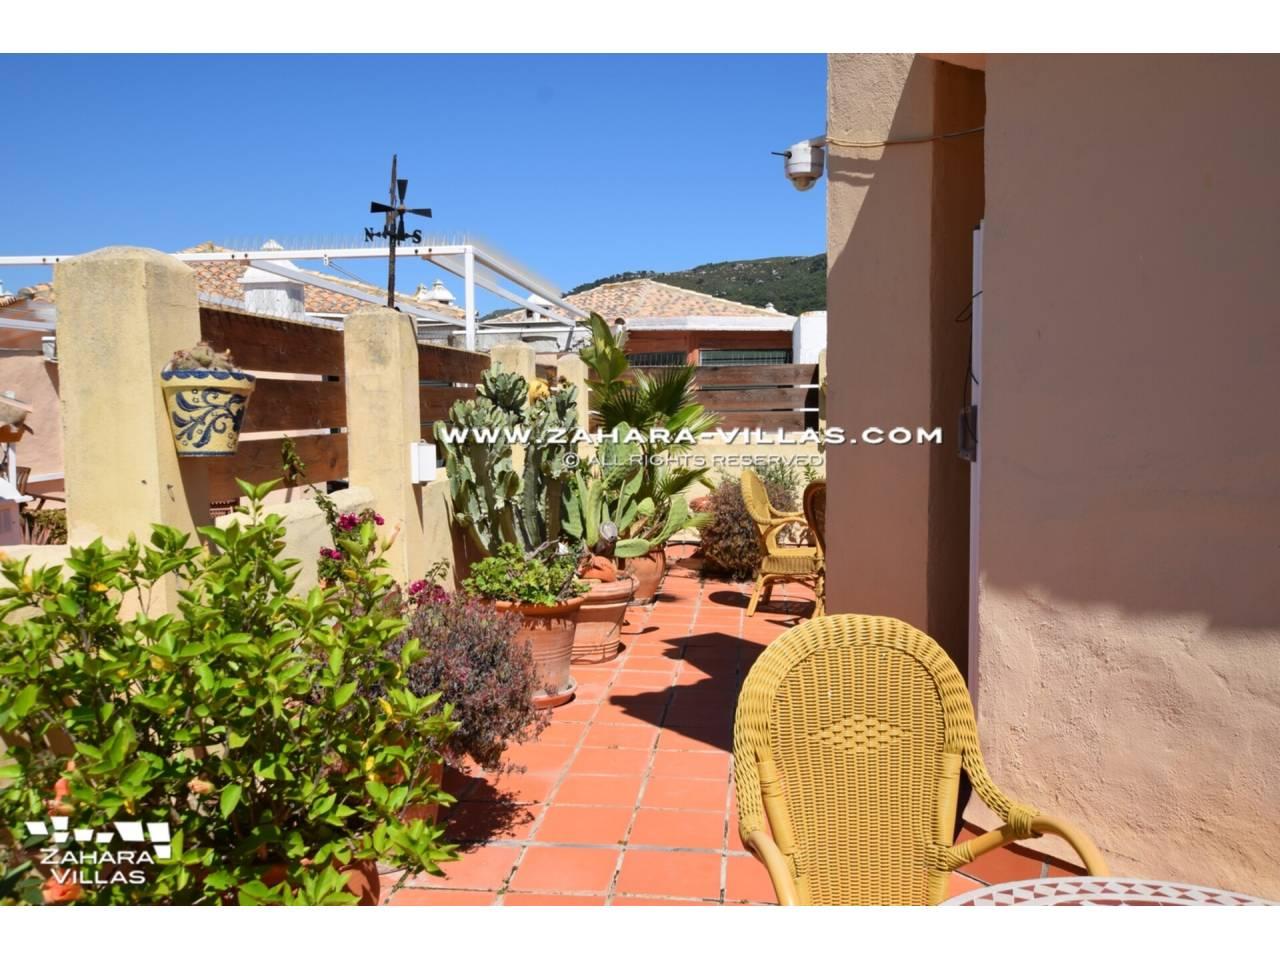 Imagen 36 de Penthouse apartment for sale in Zahara de los Atunes